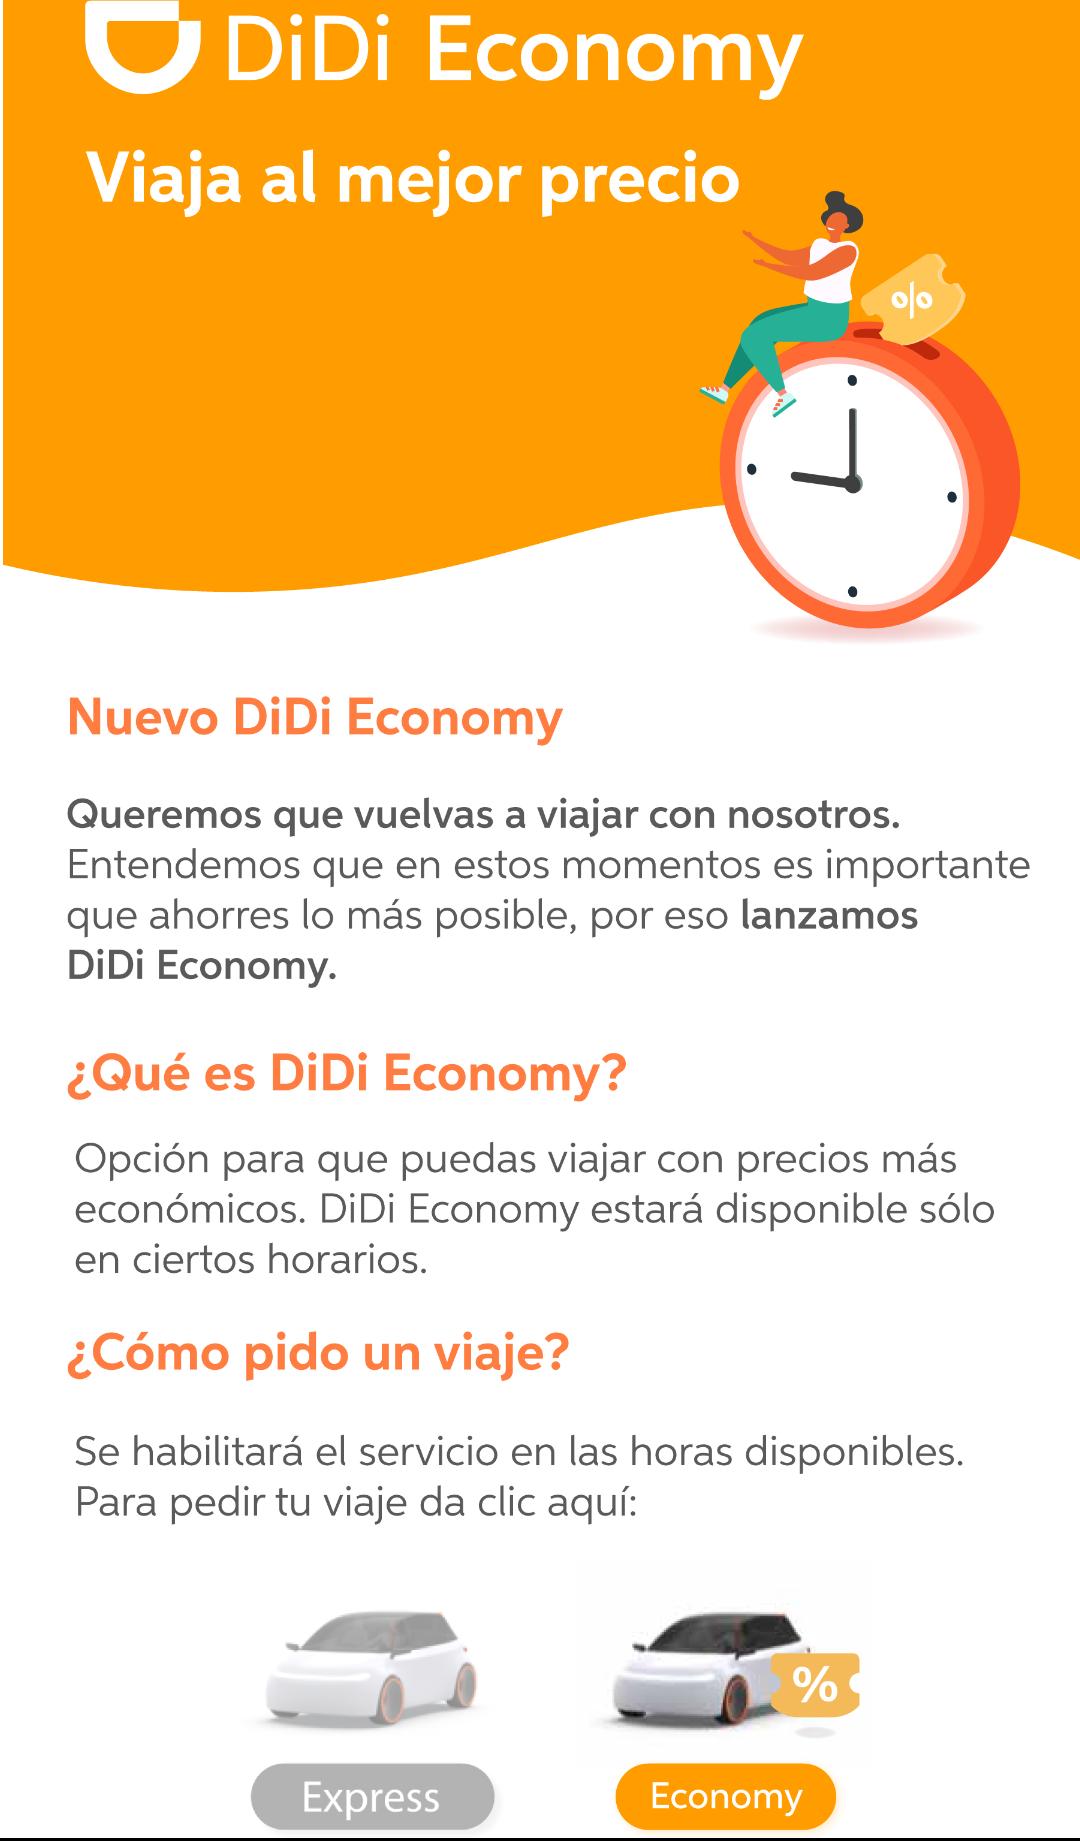 Didi Economy